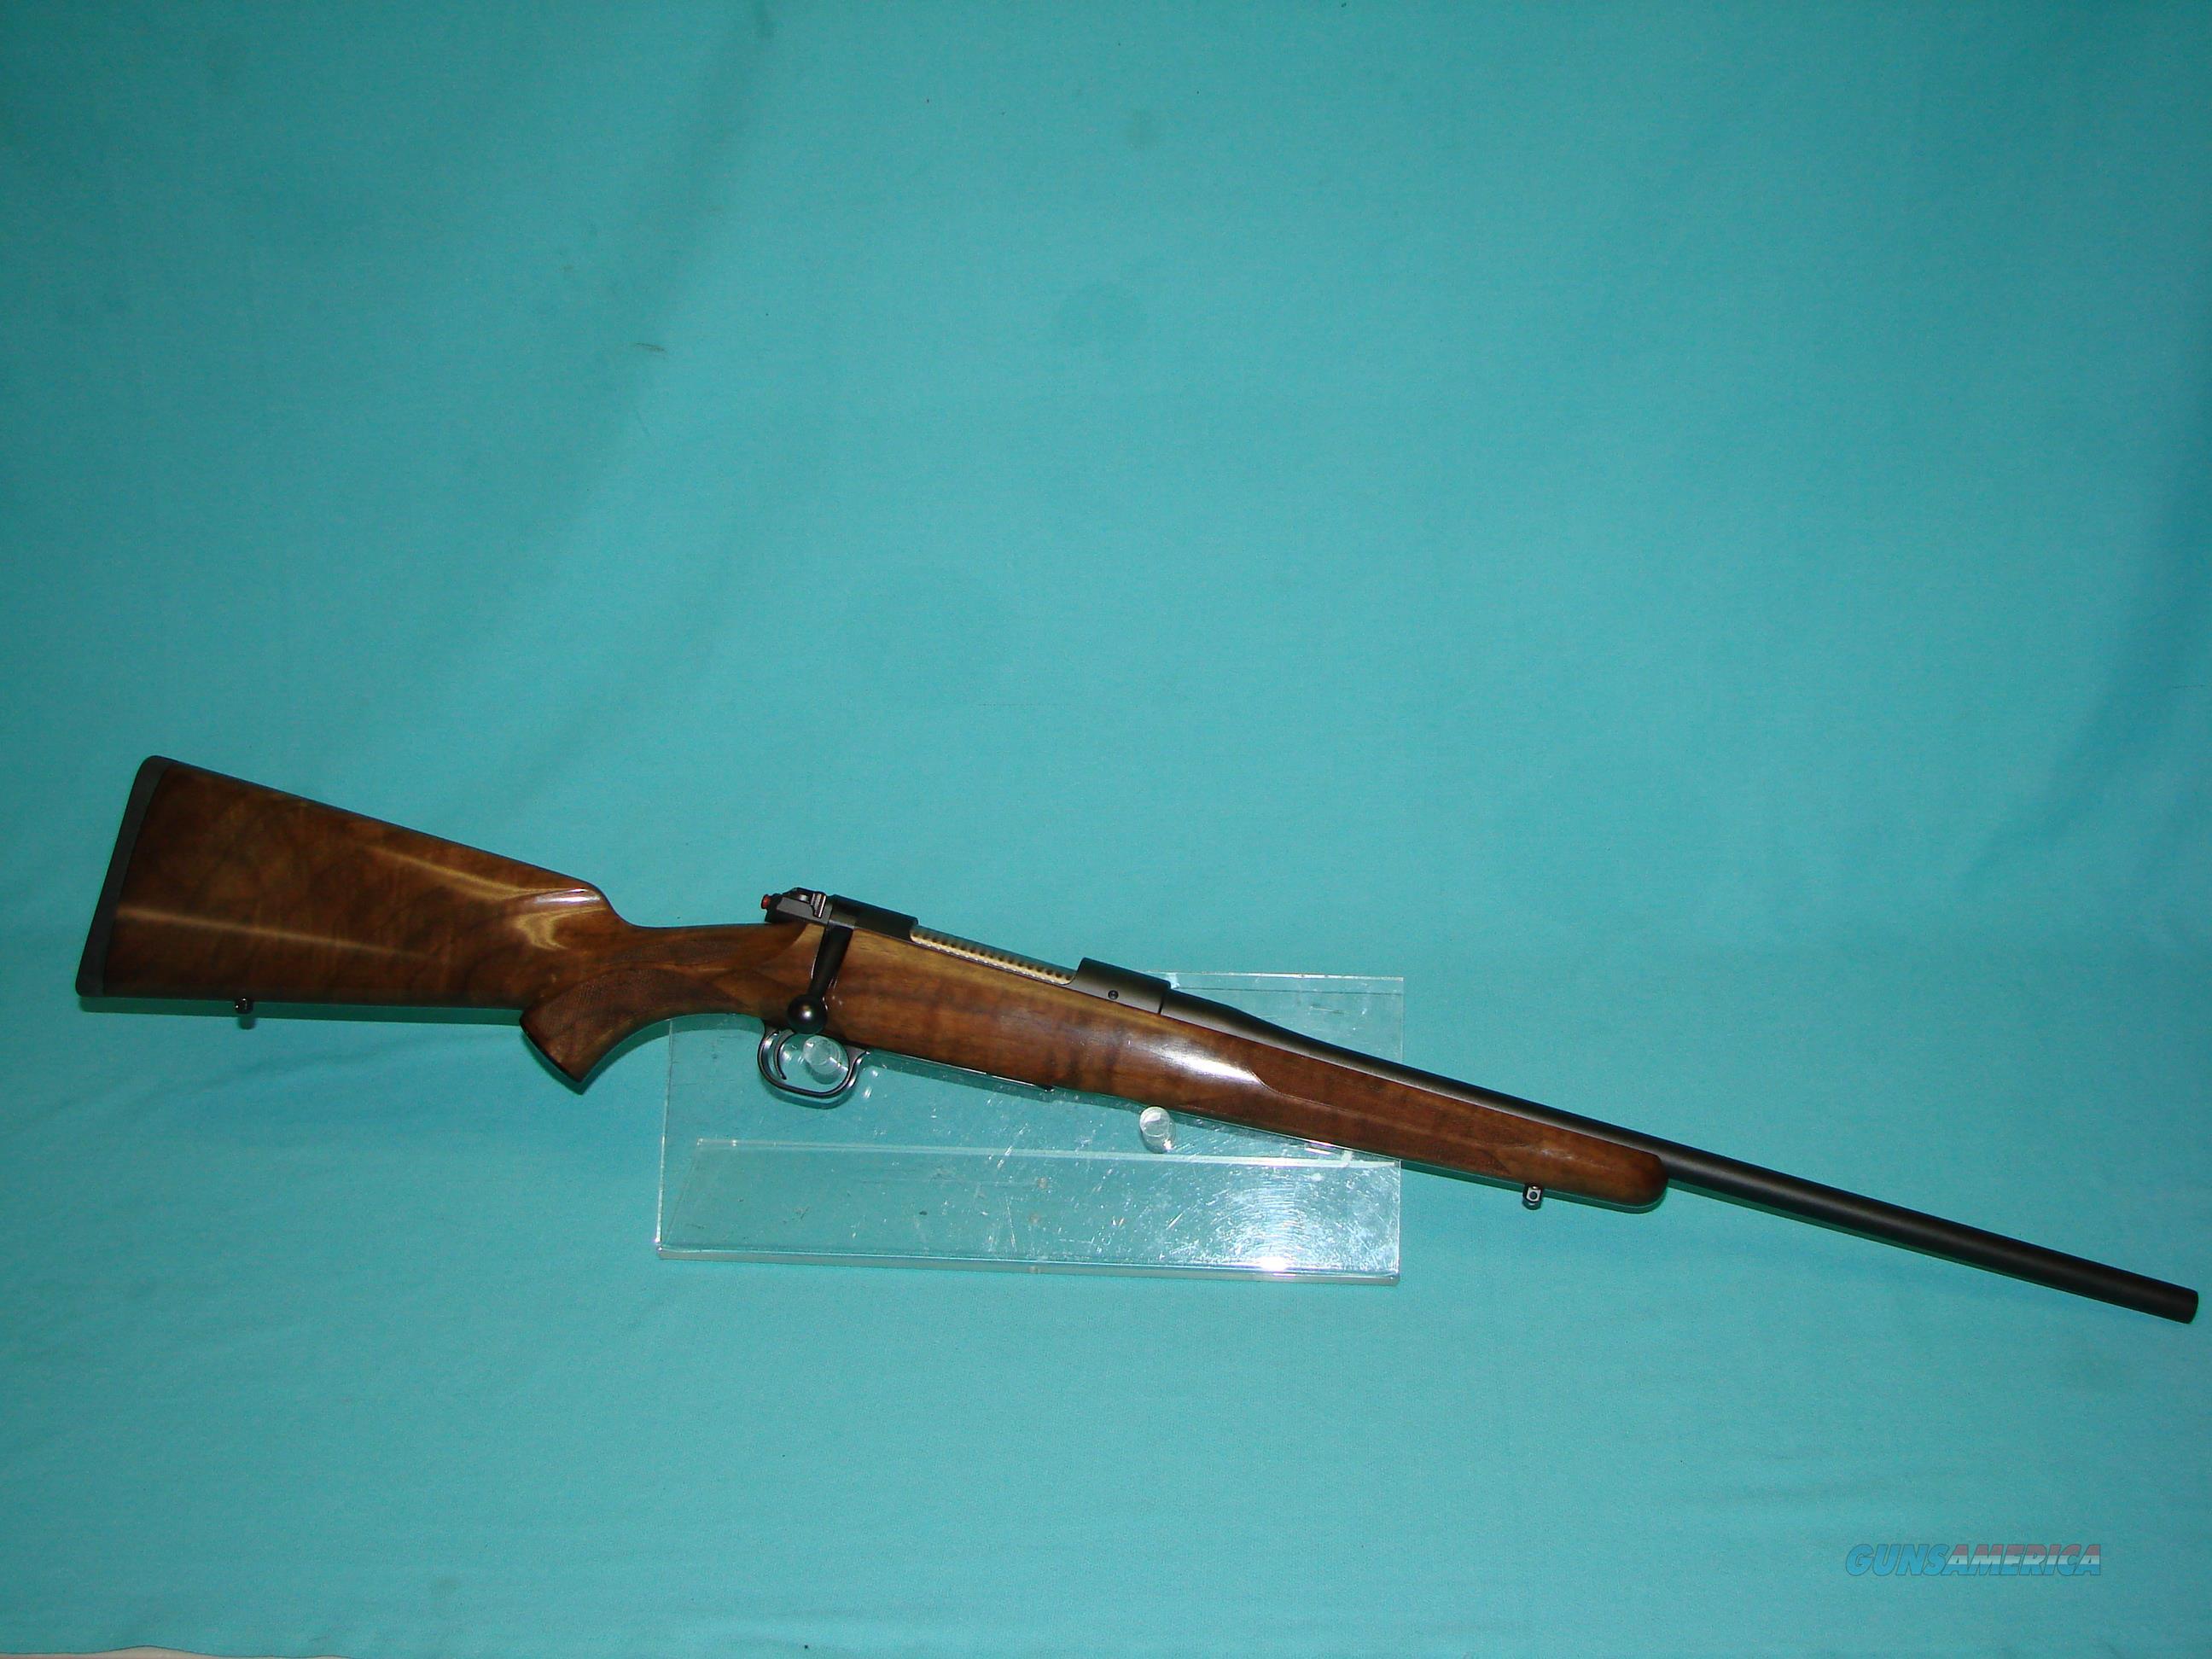 Mauser M12 243Win  Guns > Rifles > Mauser Rifles > German